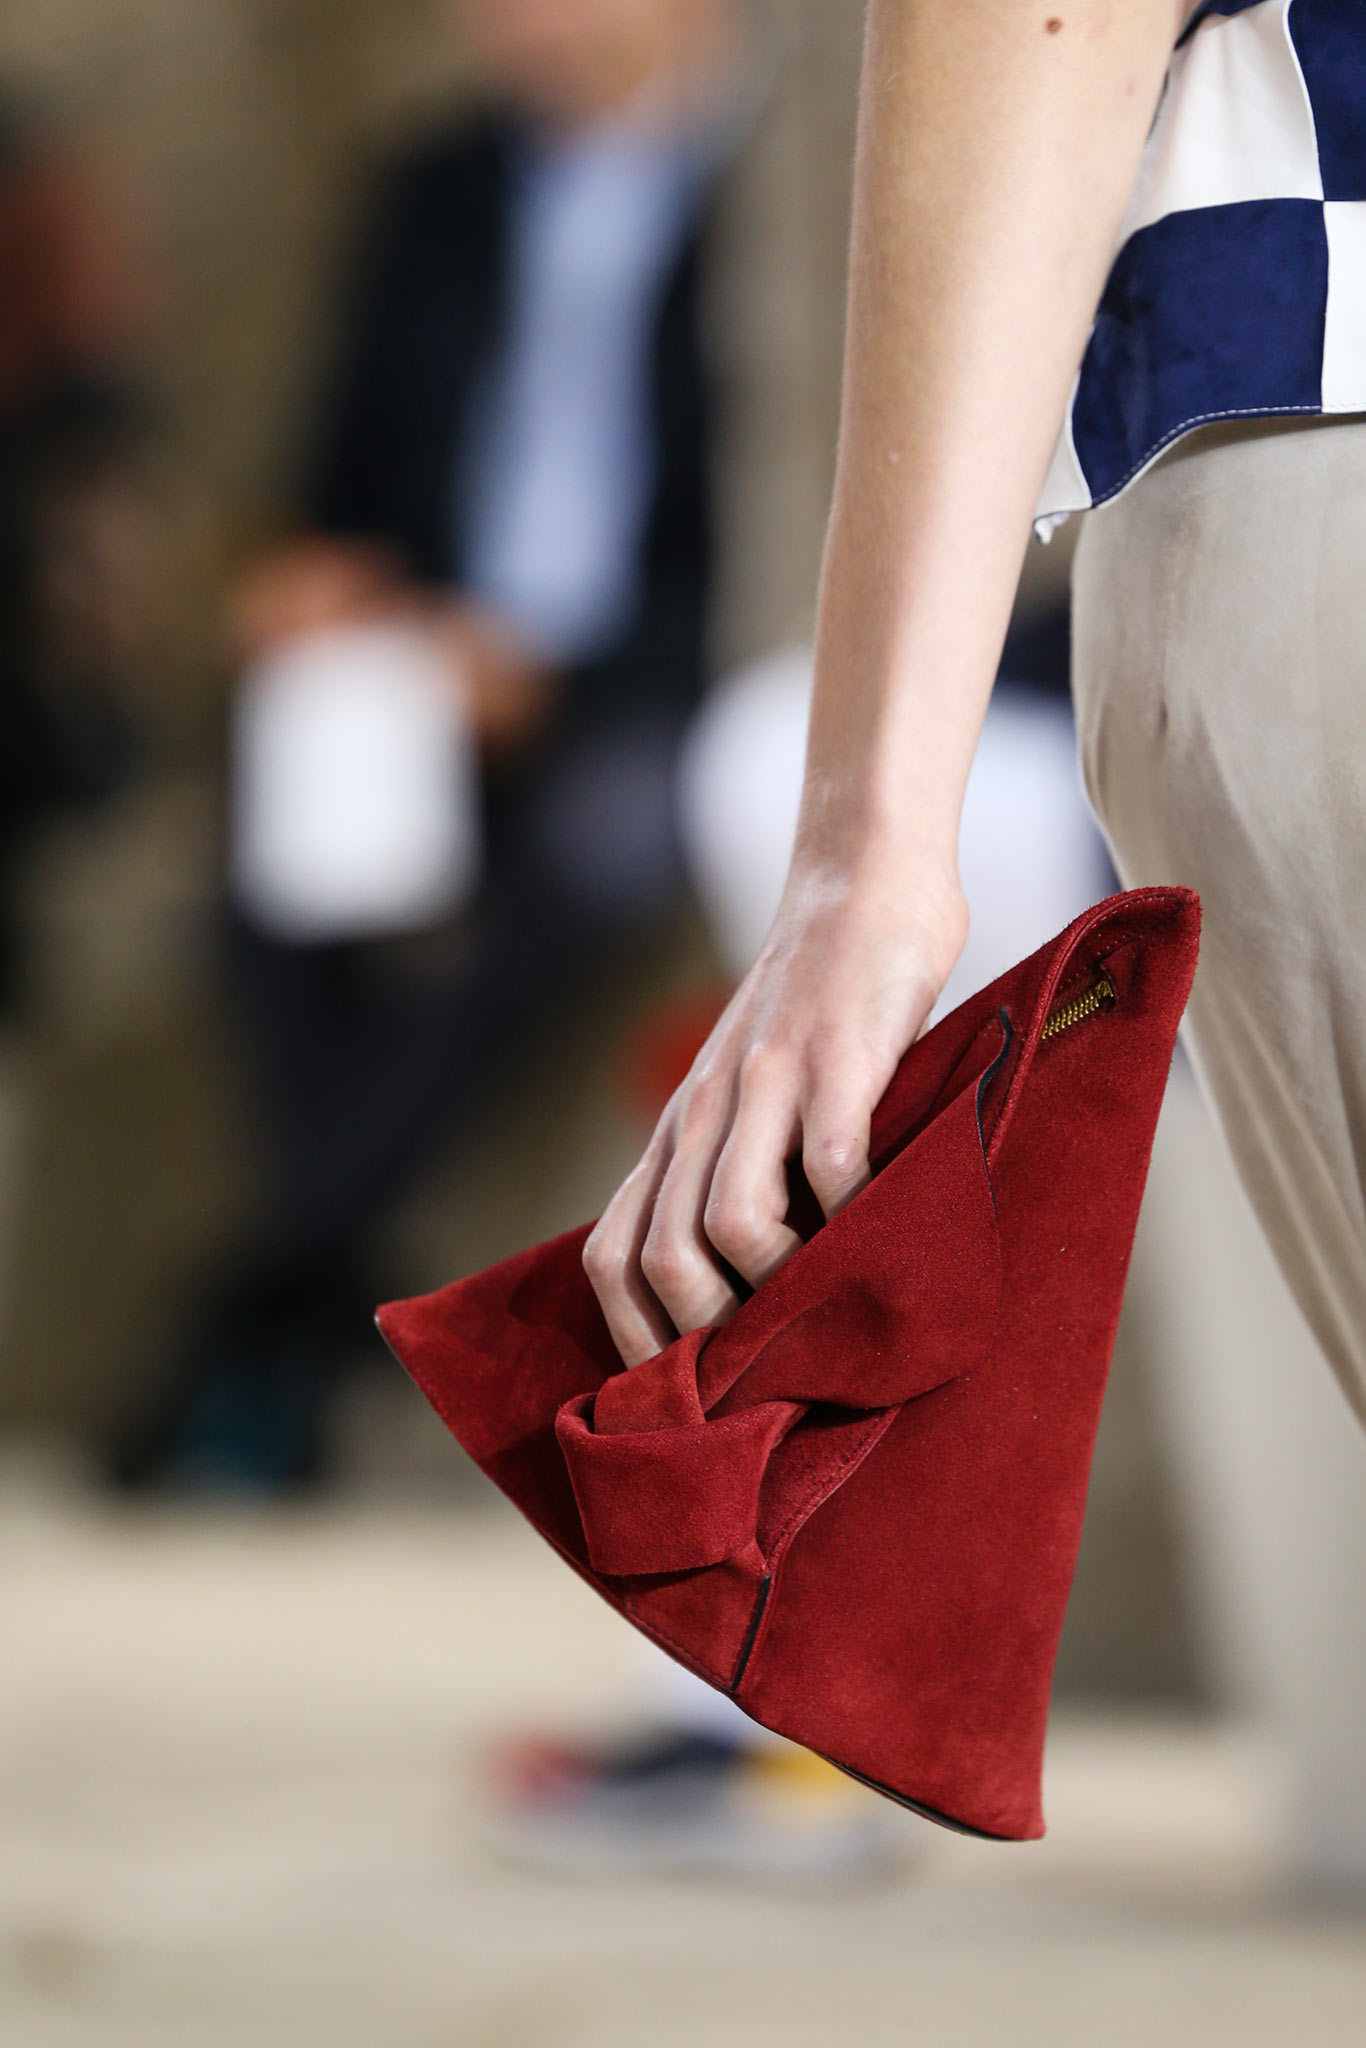 loewe-street-style-bags-2015